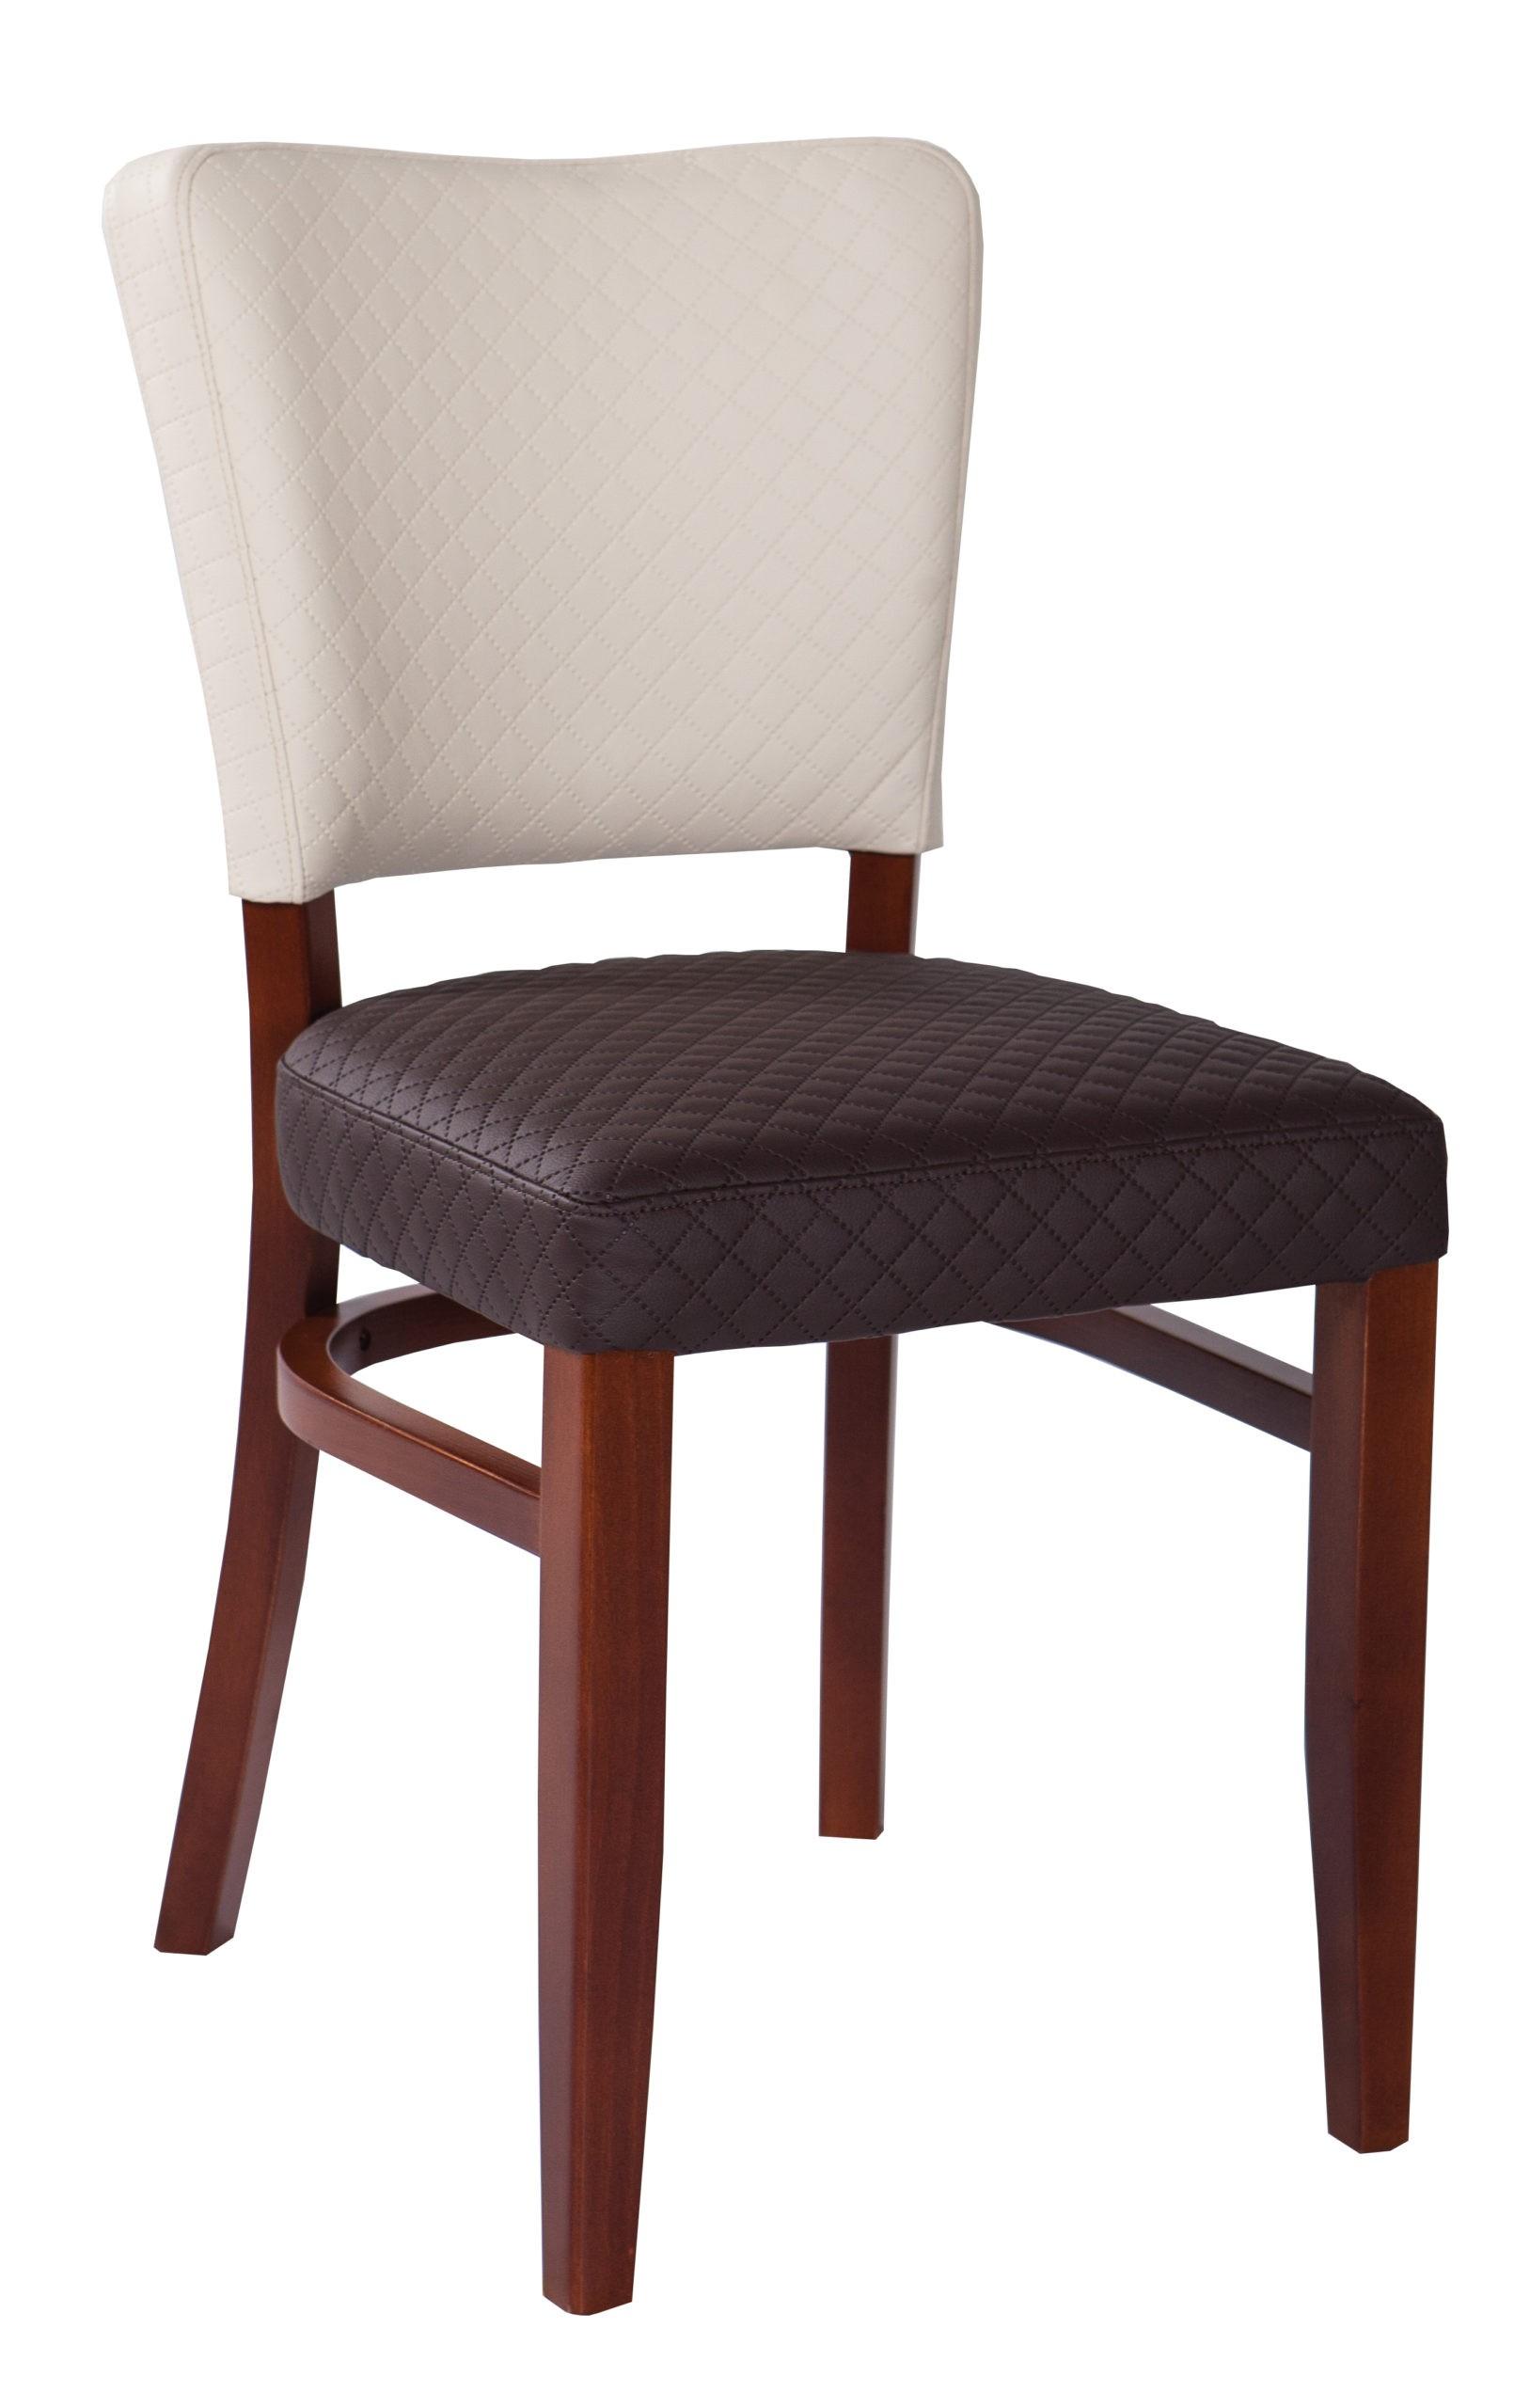 Nowoczesne krzesło do jadalni kuchni KT49 wygodne trwałe solidne